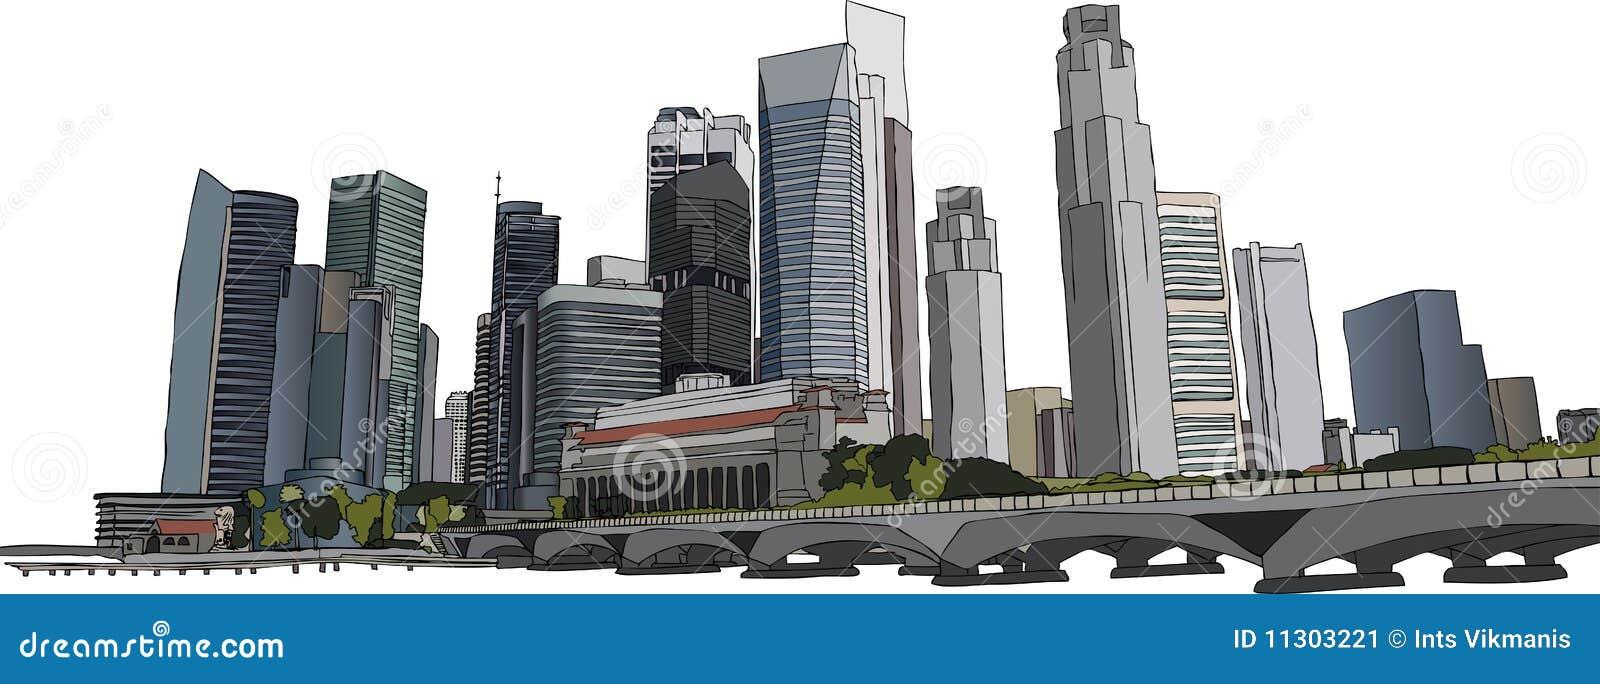 Singapur-Stadtbild